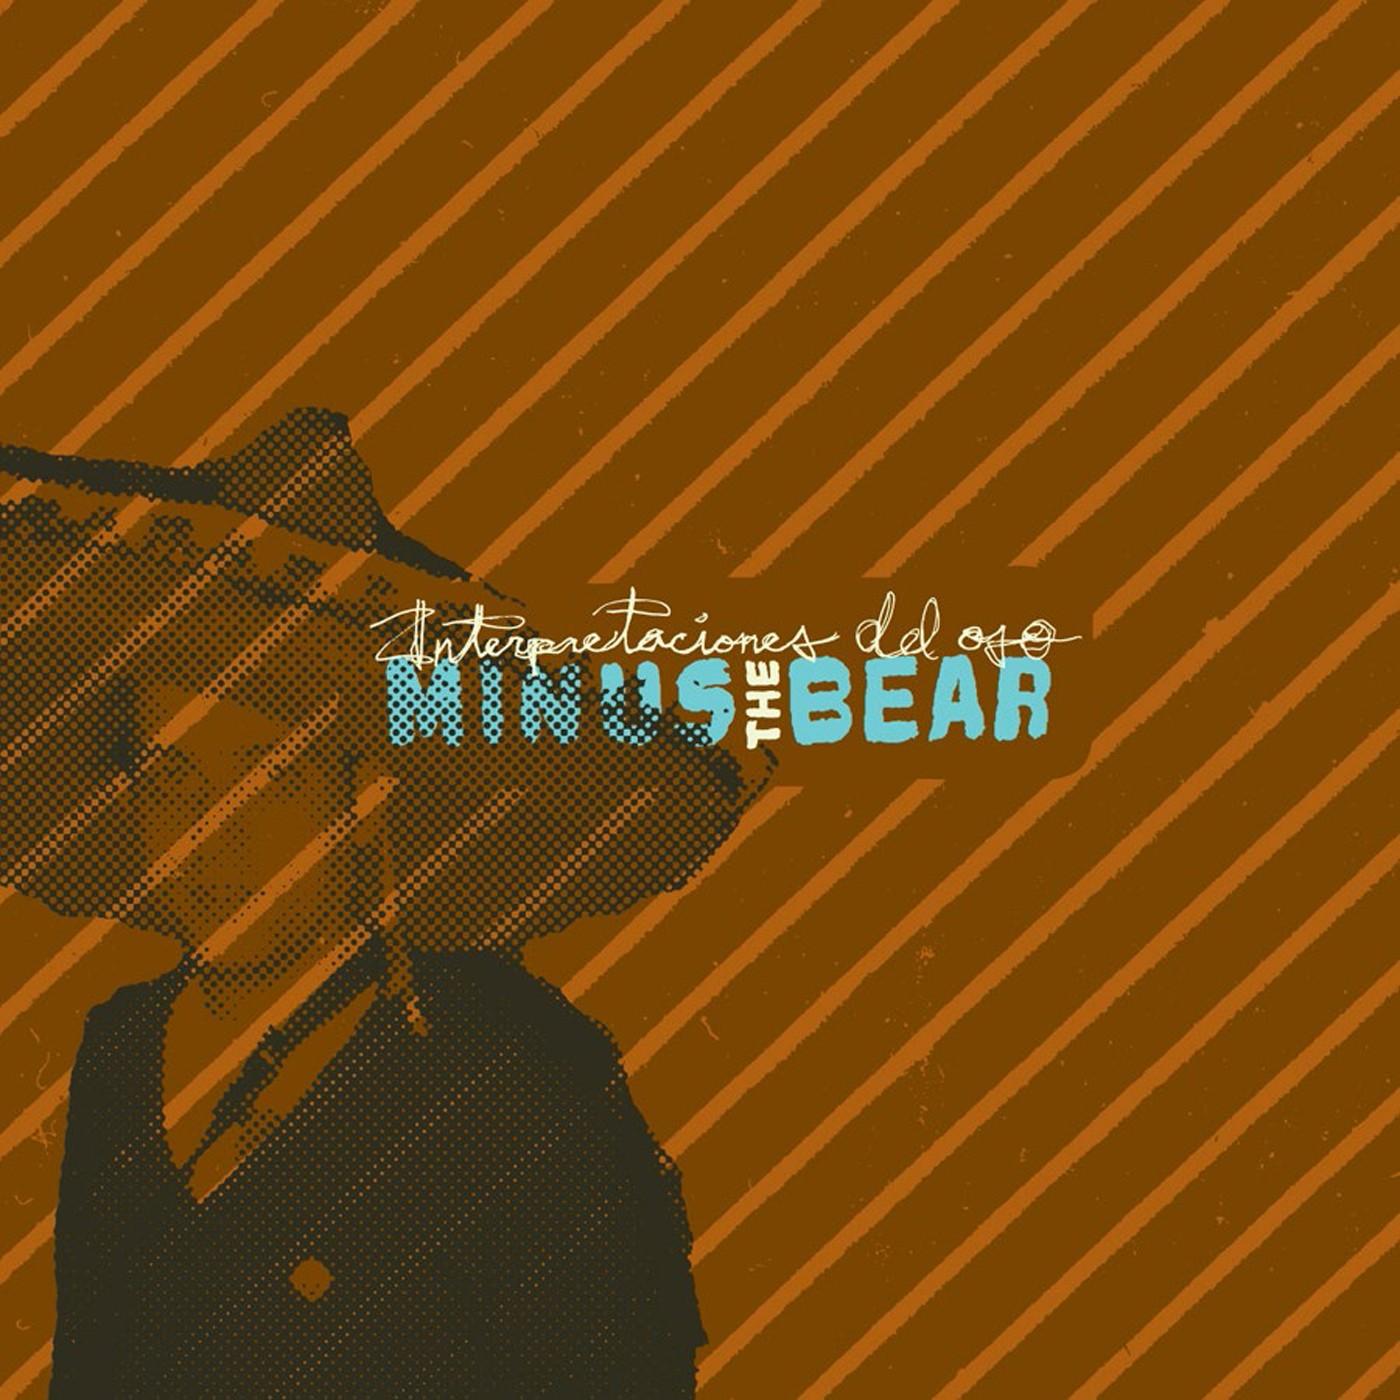 Minus the Bear - Interpretaciones del Oso LP